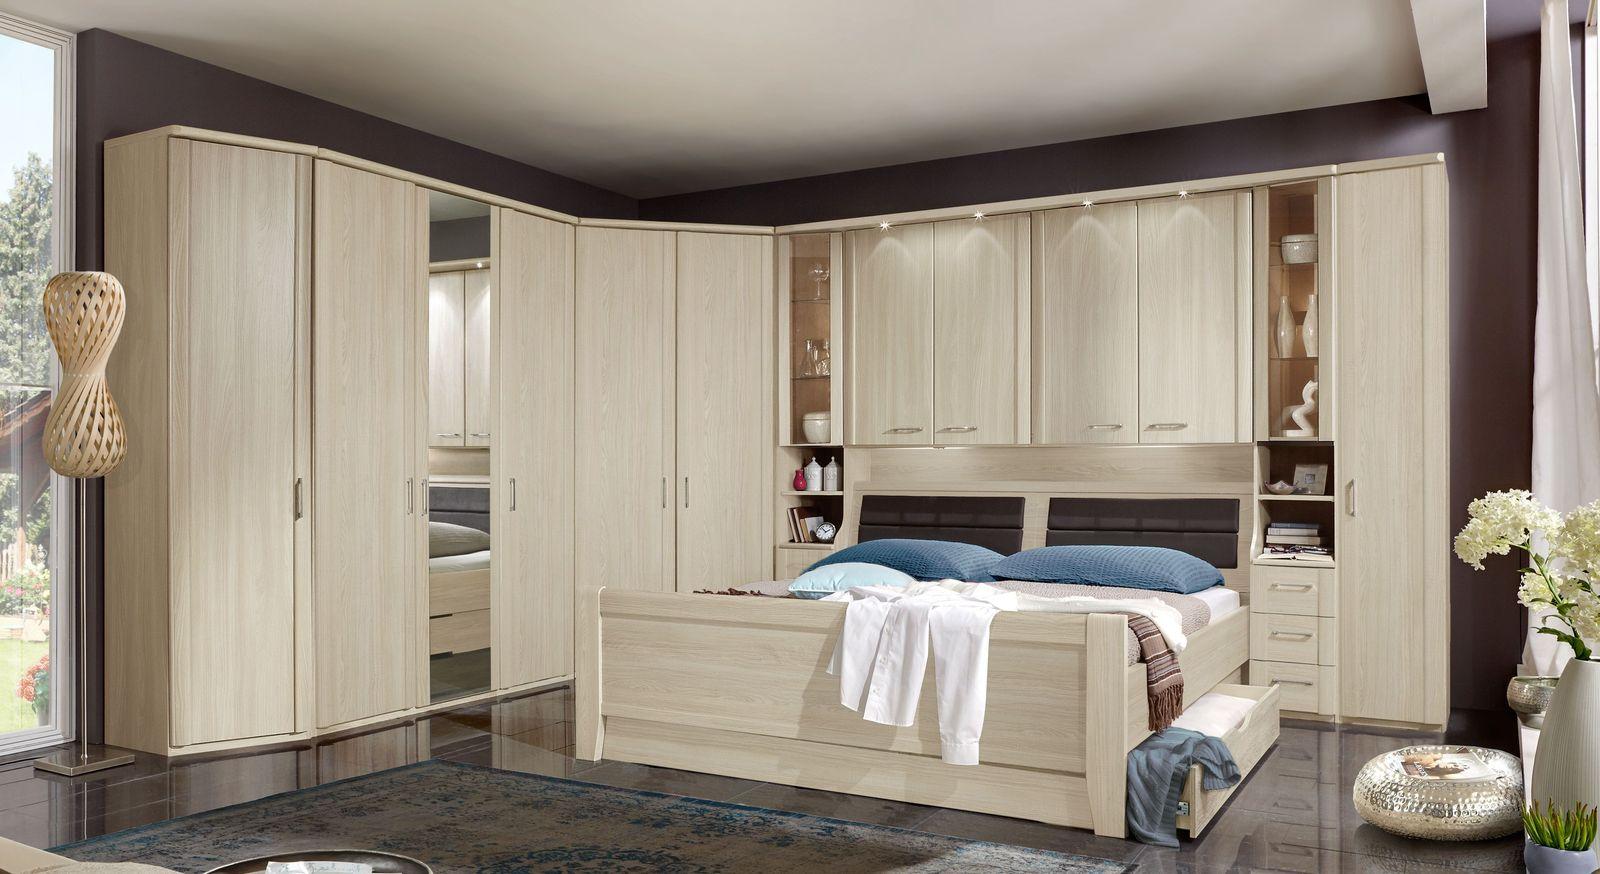 Berbau schlafzimmer in edel esche dekor f r senioren palena - Schlafzimmer edel ...